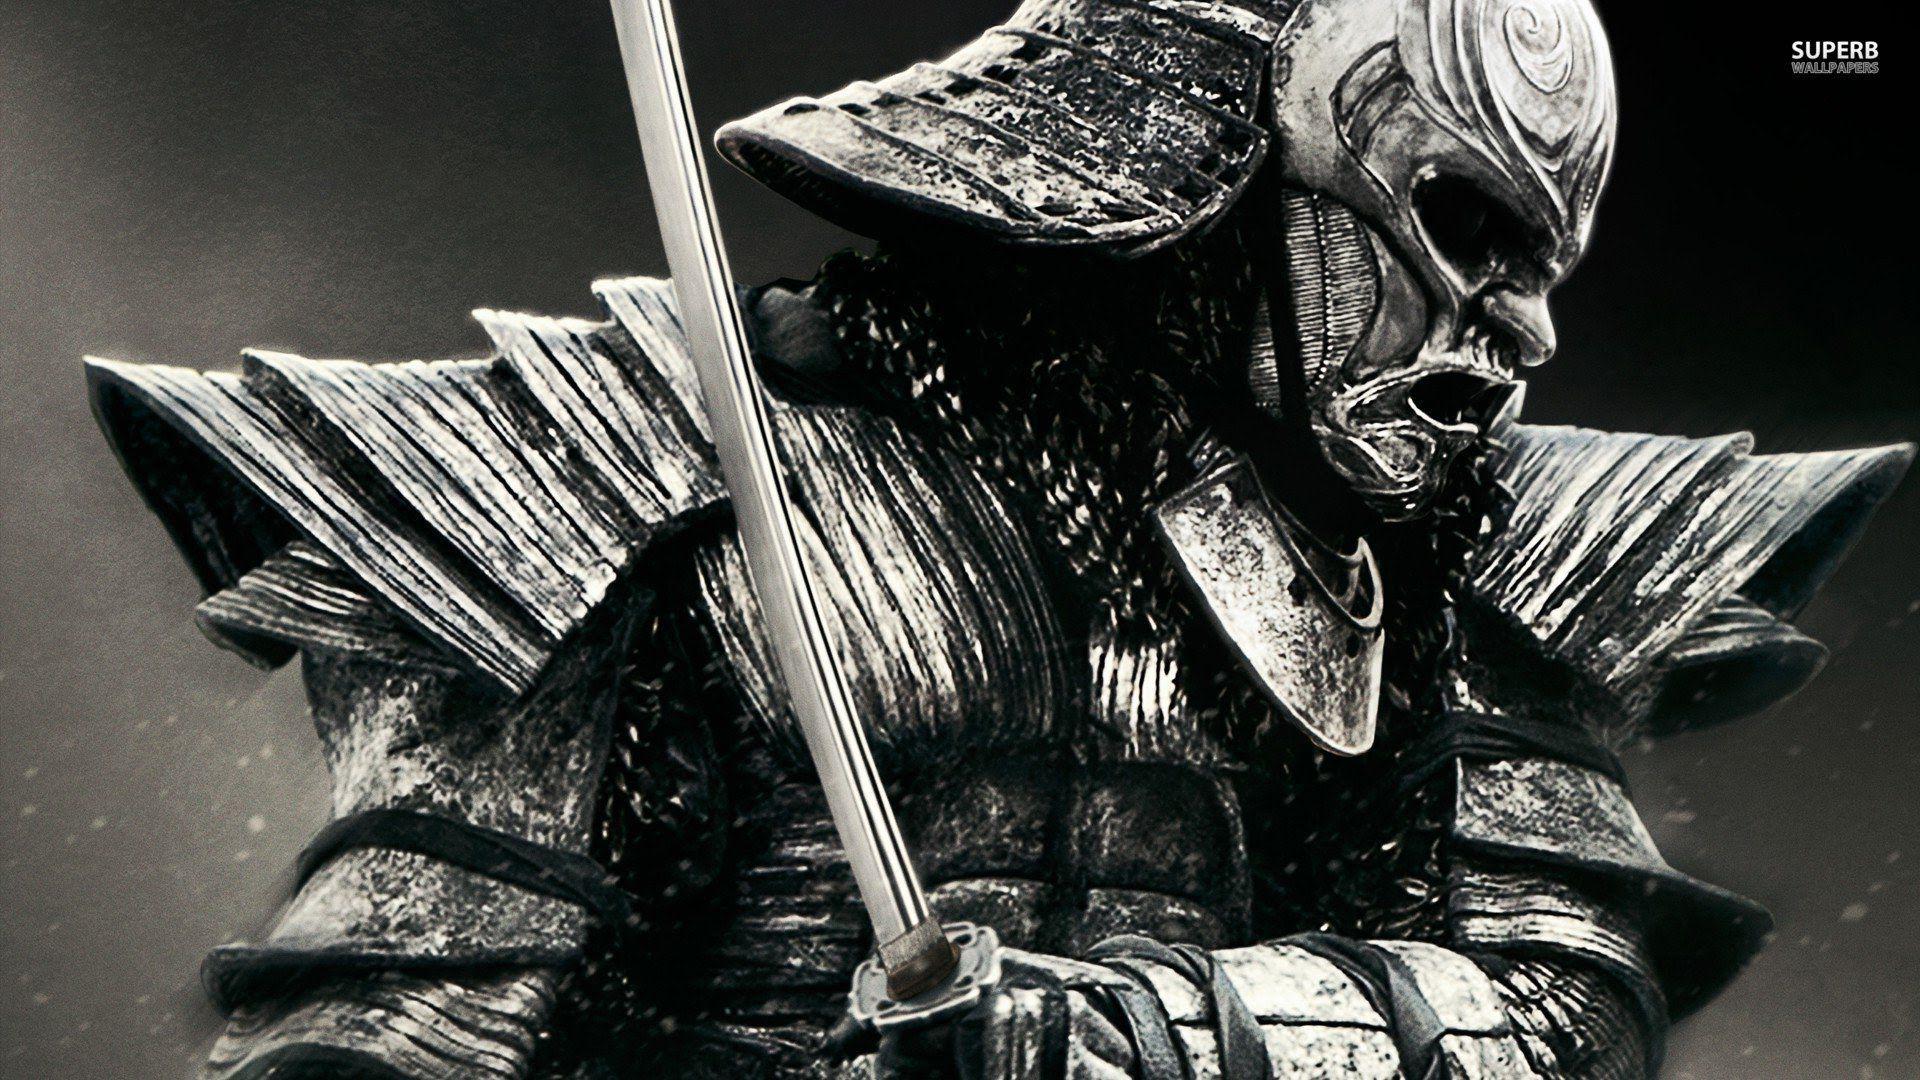 #Samurai #Warrior - National Geographic Documentary 2015